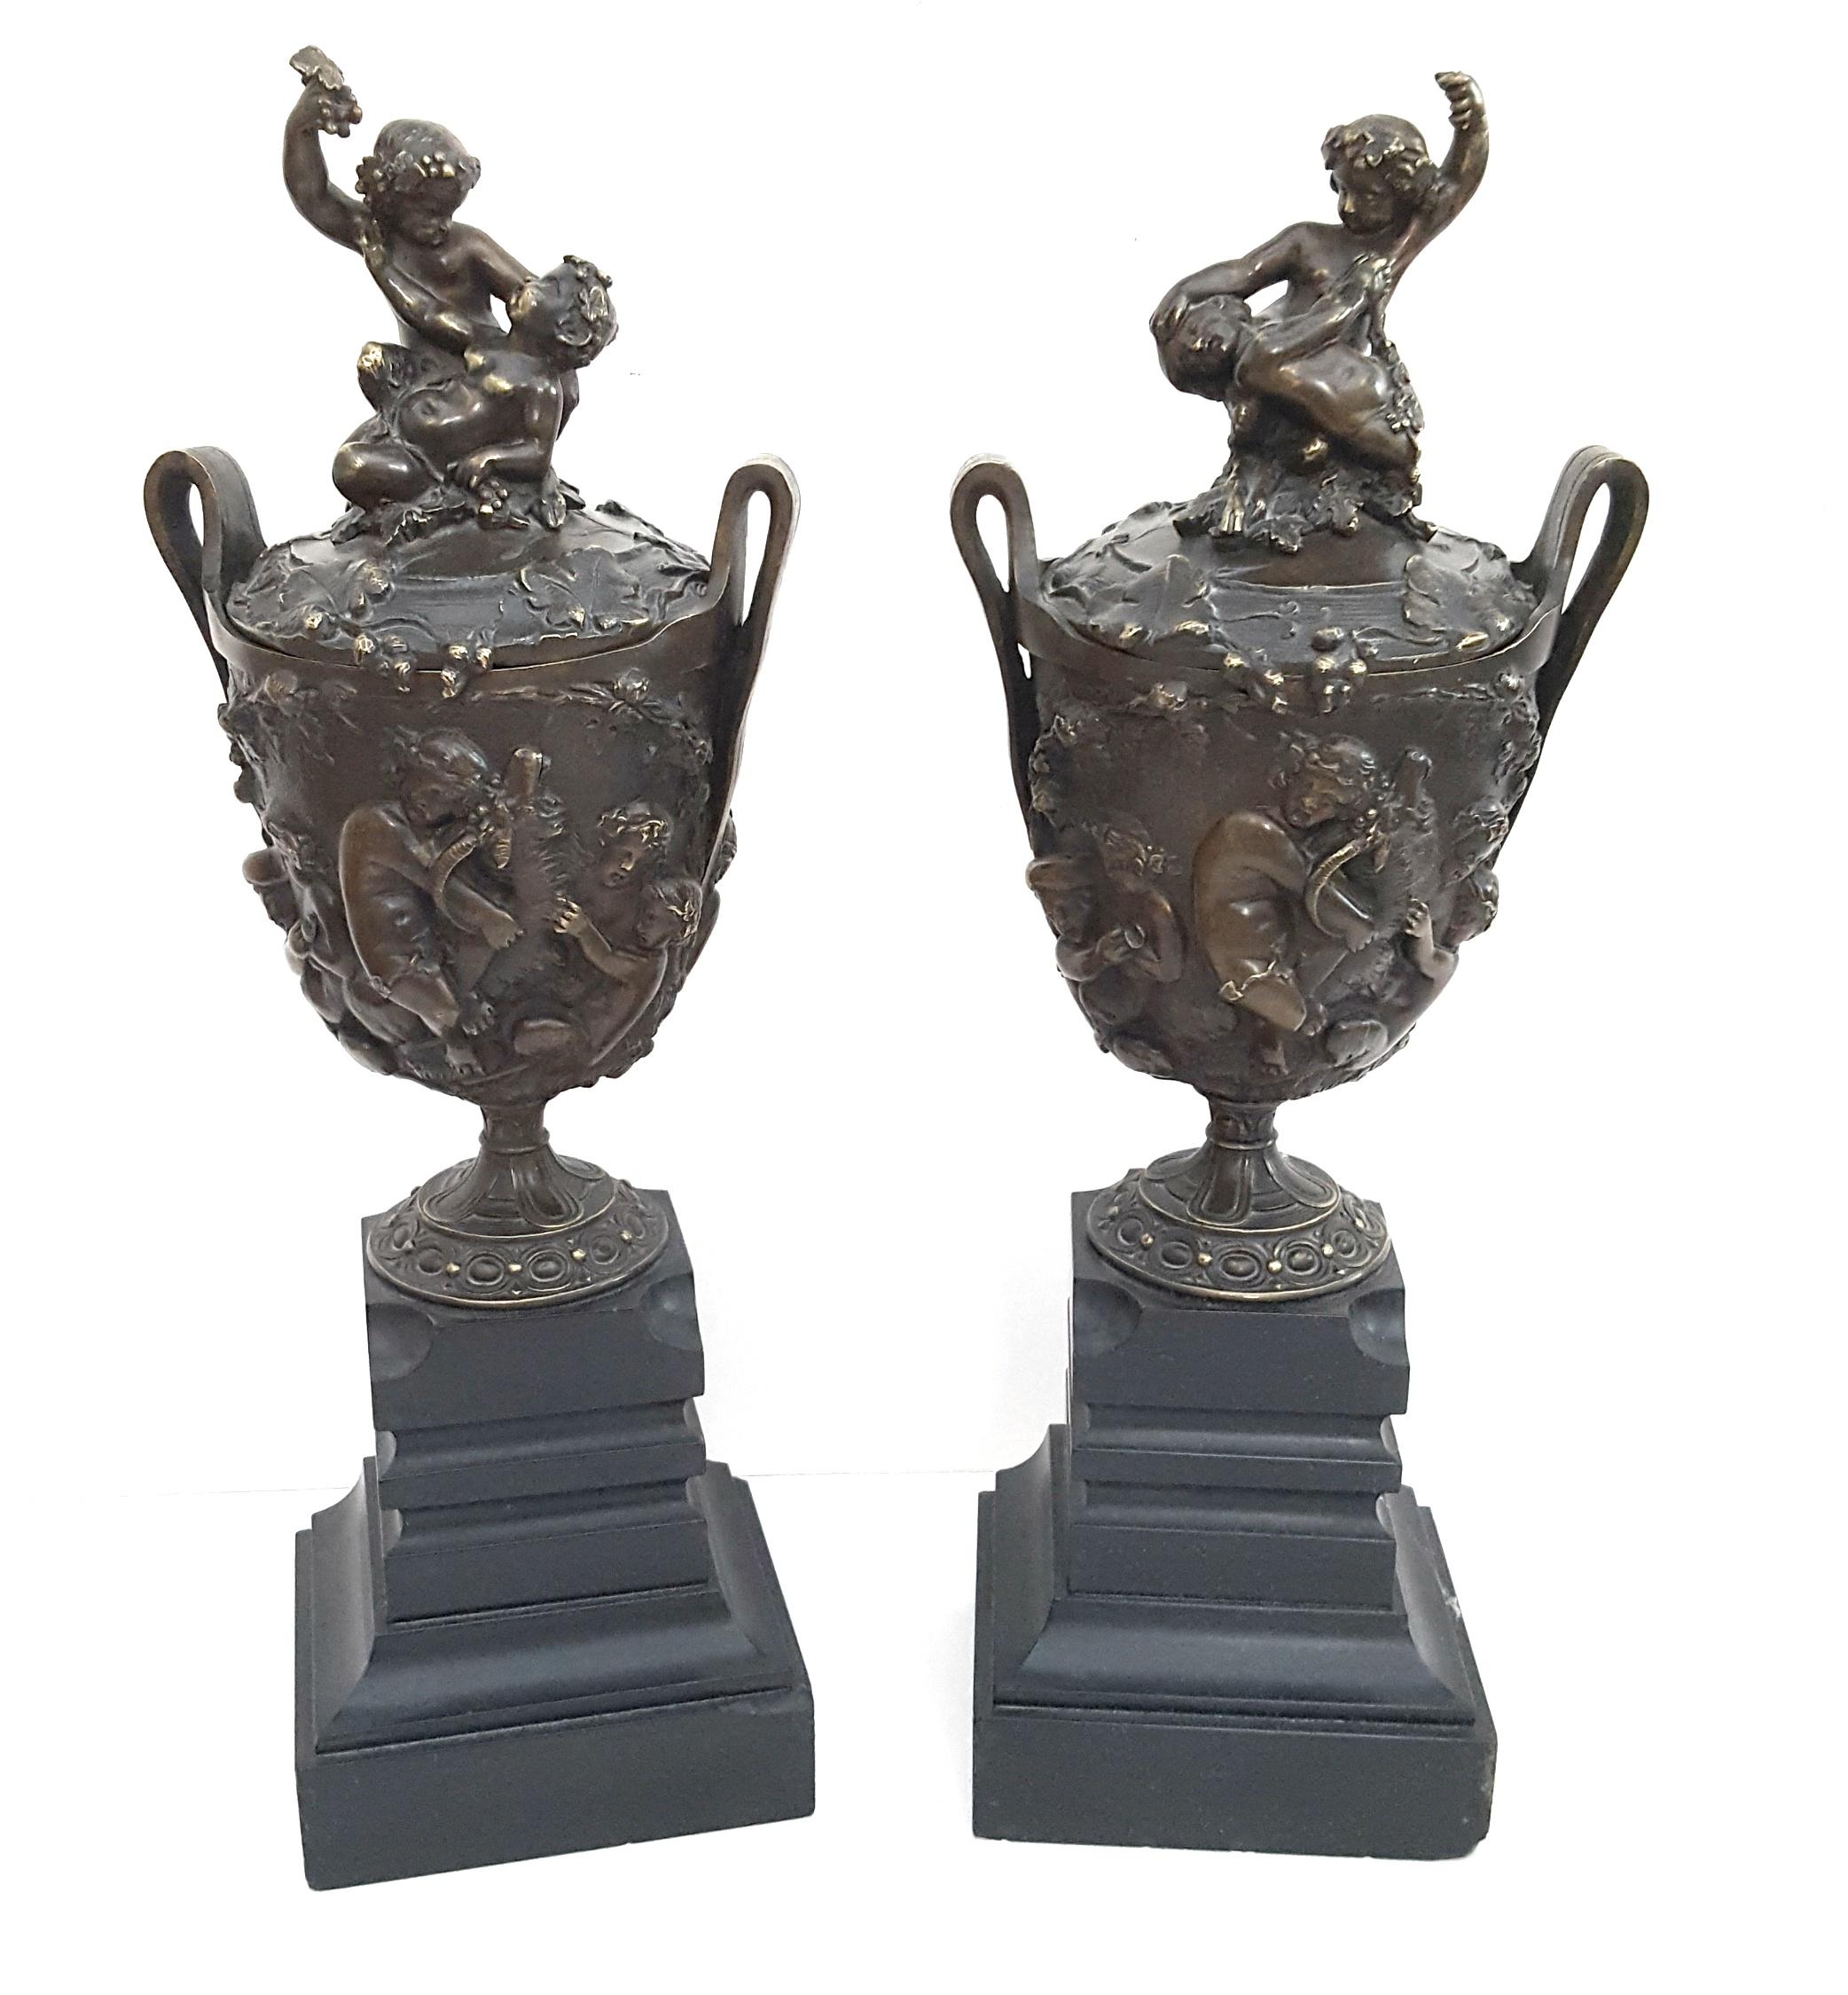 Antique 2 Bronze Lidded Vases On Slate Plinths Depicting Fauns Ram Lion Bacchus & Grape Vines